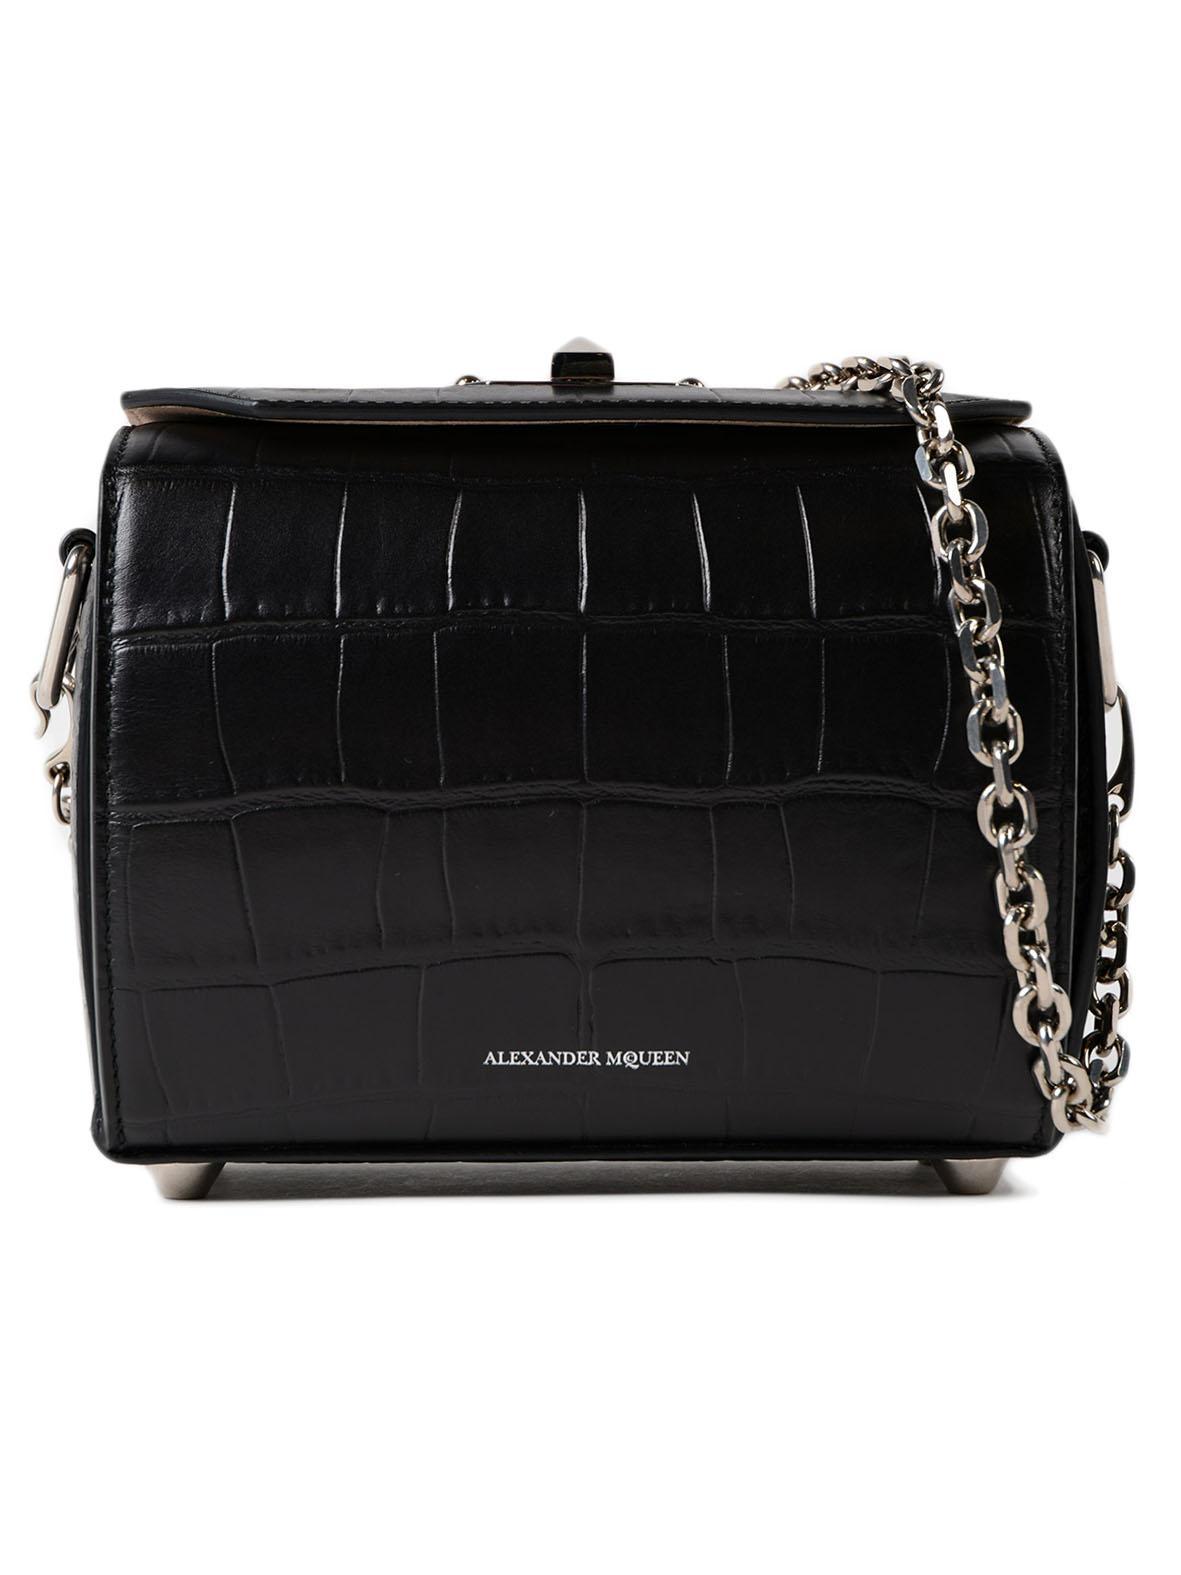 Alexander McQueen Box Bag 19 black evening bag q0D2fBQg